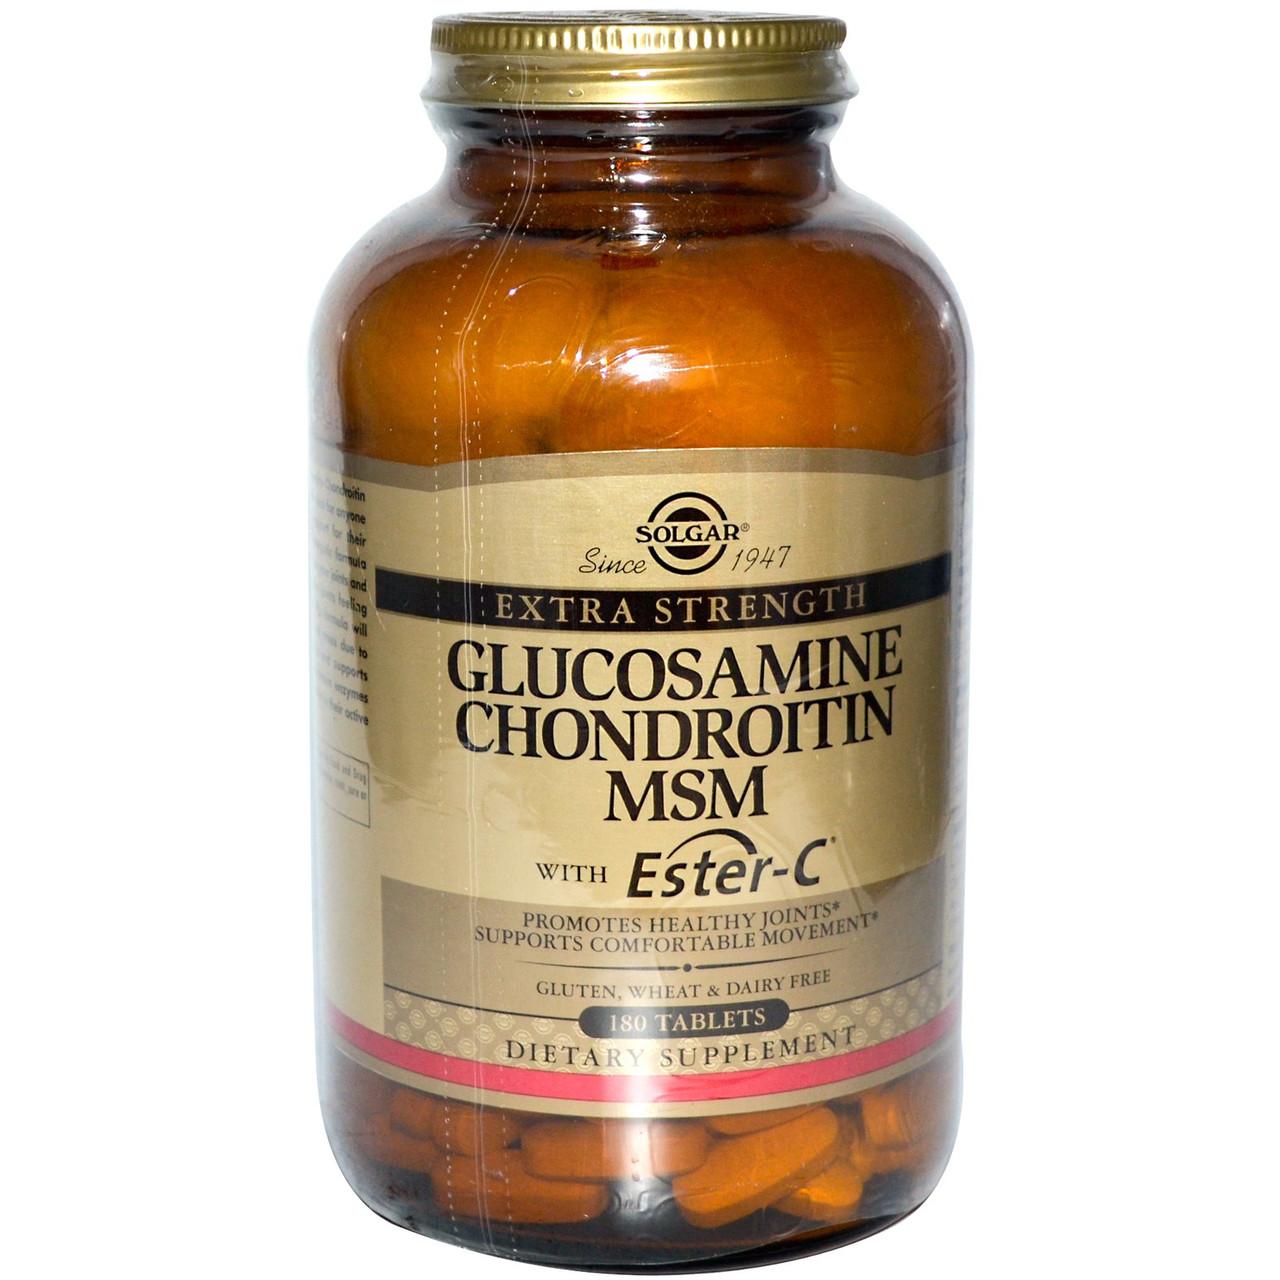 Глюкозамин-Хондроитин, МСМ, Эстер-C и коллаген тип 2, 120 таблеток, Solgar